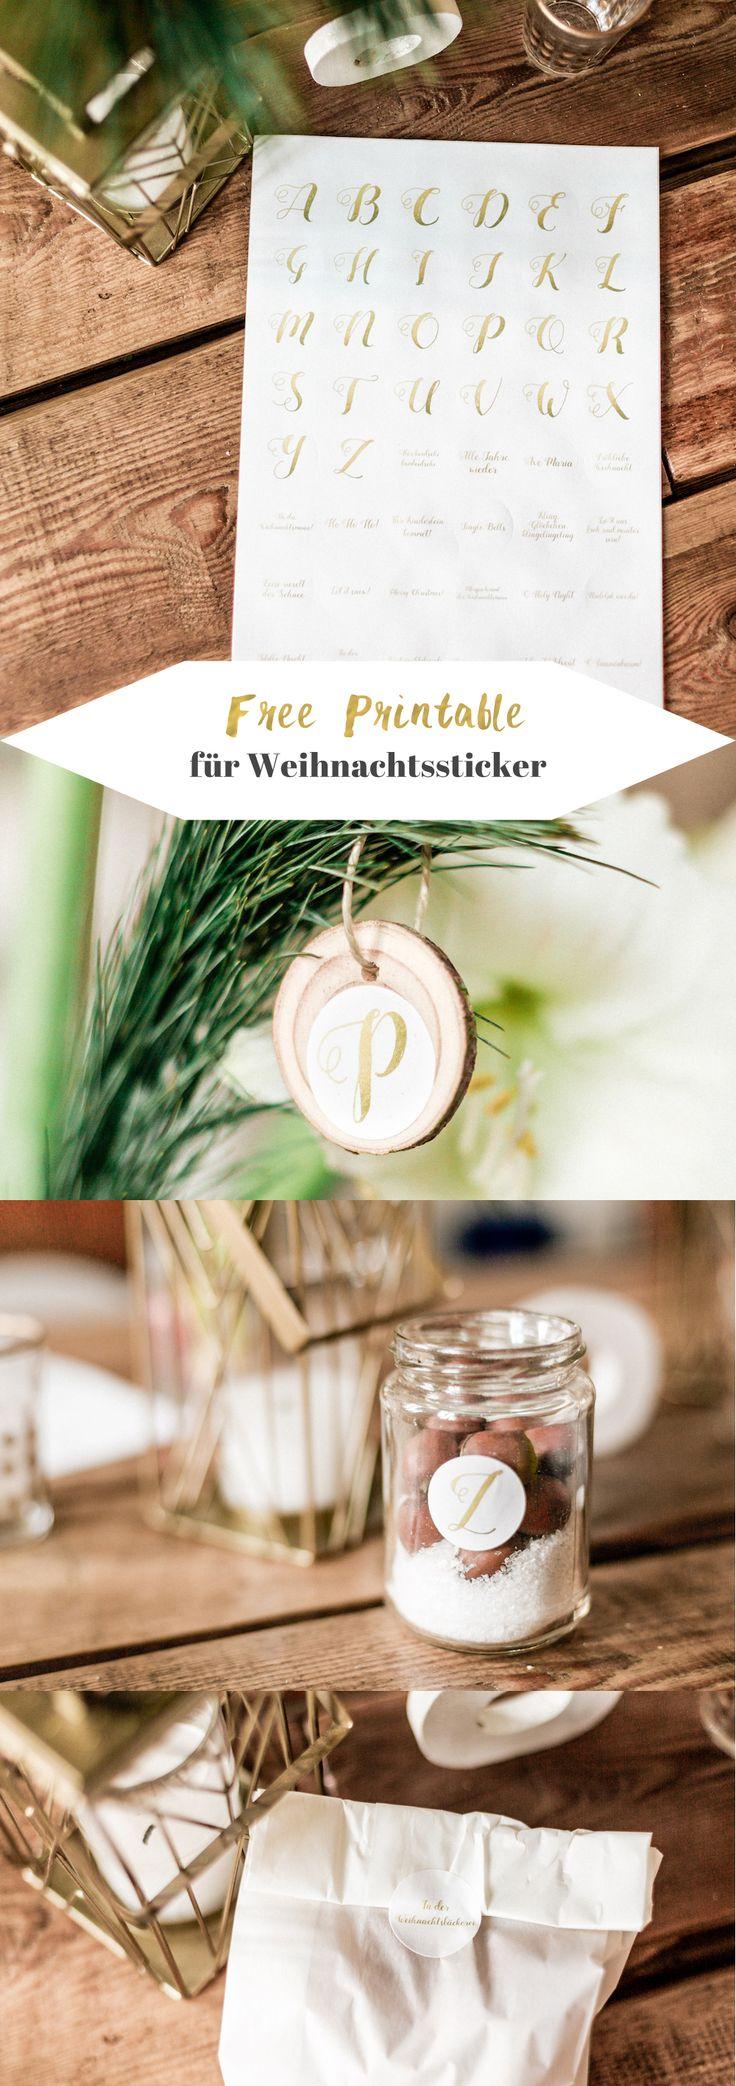 Goldene DIY Weihnachtssticker zum Selberausdrucken mit Buchstaben | Free Printable | Weihnachtsdeko | Weihnachtsbaumschmuck |